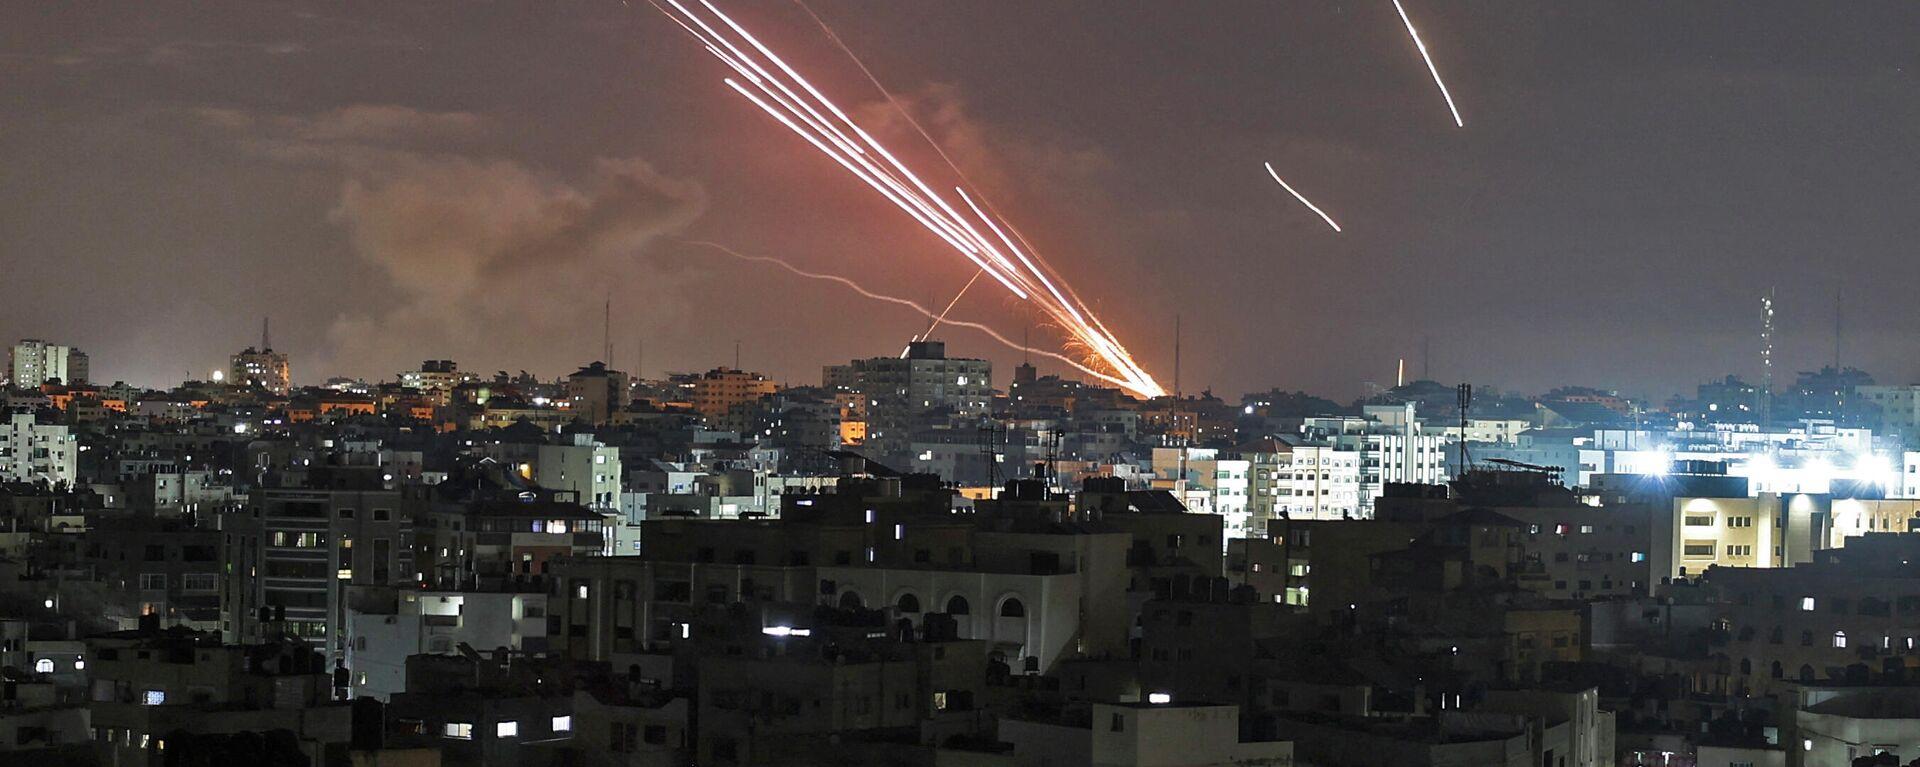 Ρουκέτες από τη Γάζα στο Ισραήλ - Sputnik Ελλάδα, 1920, 12.05.2021